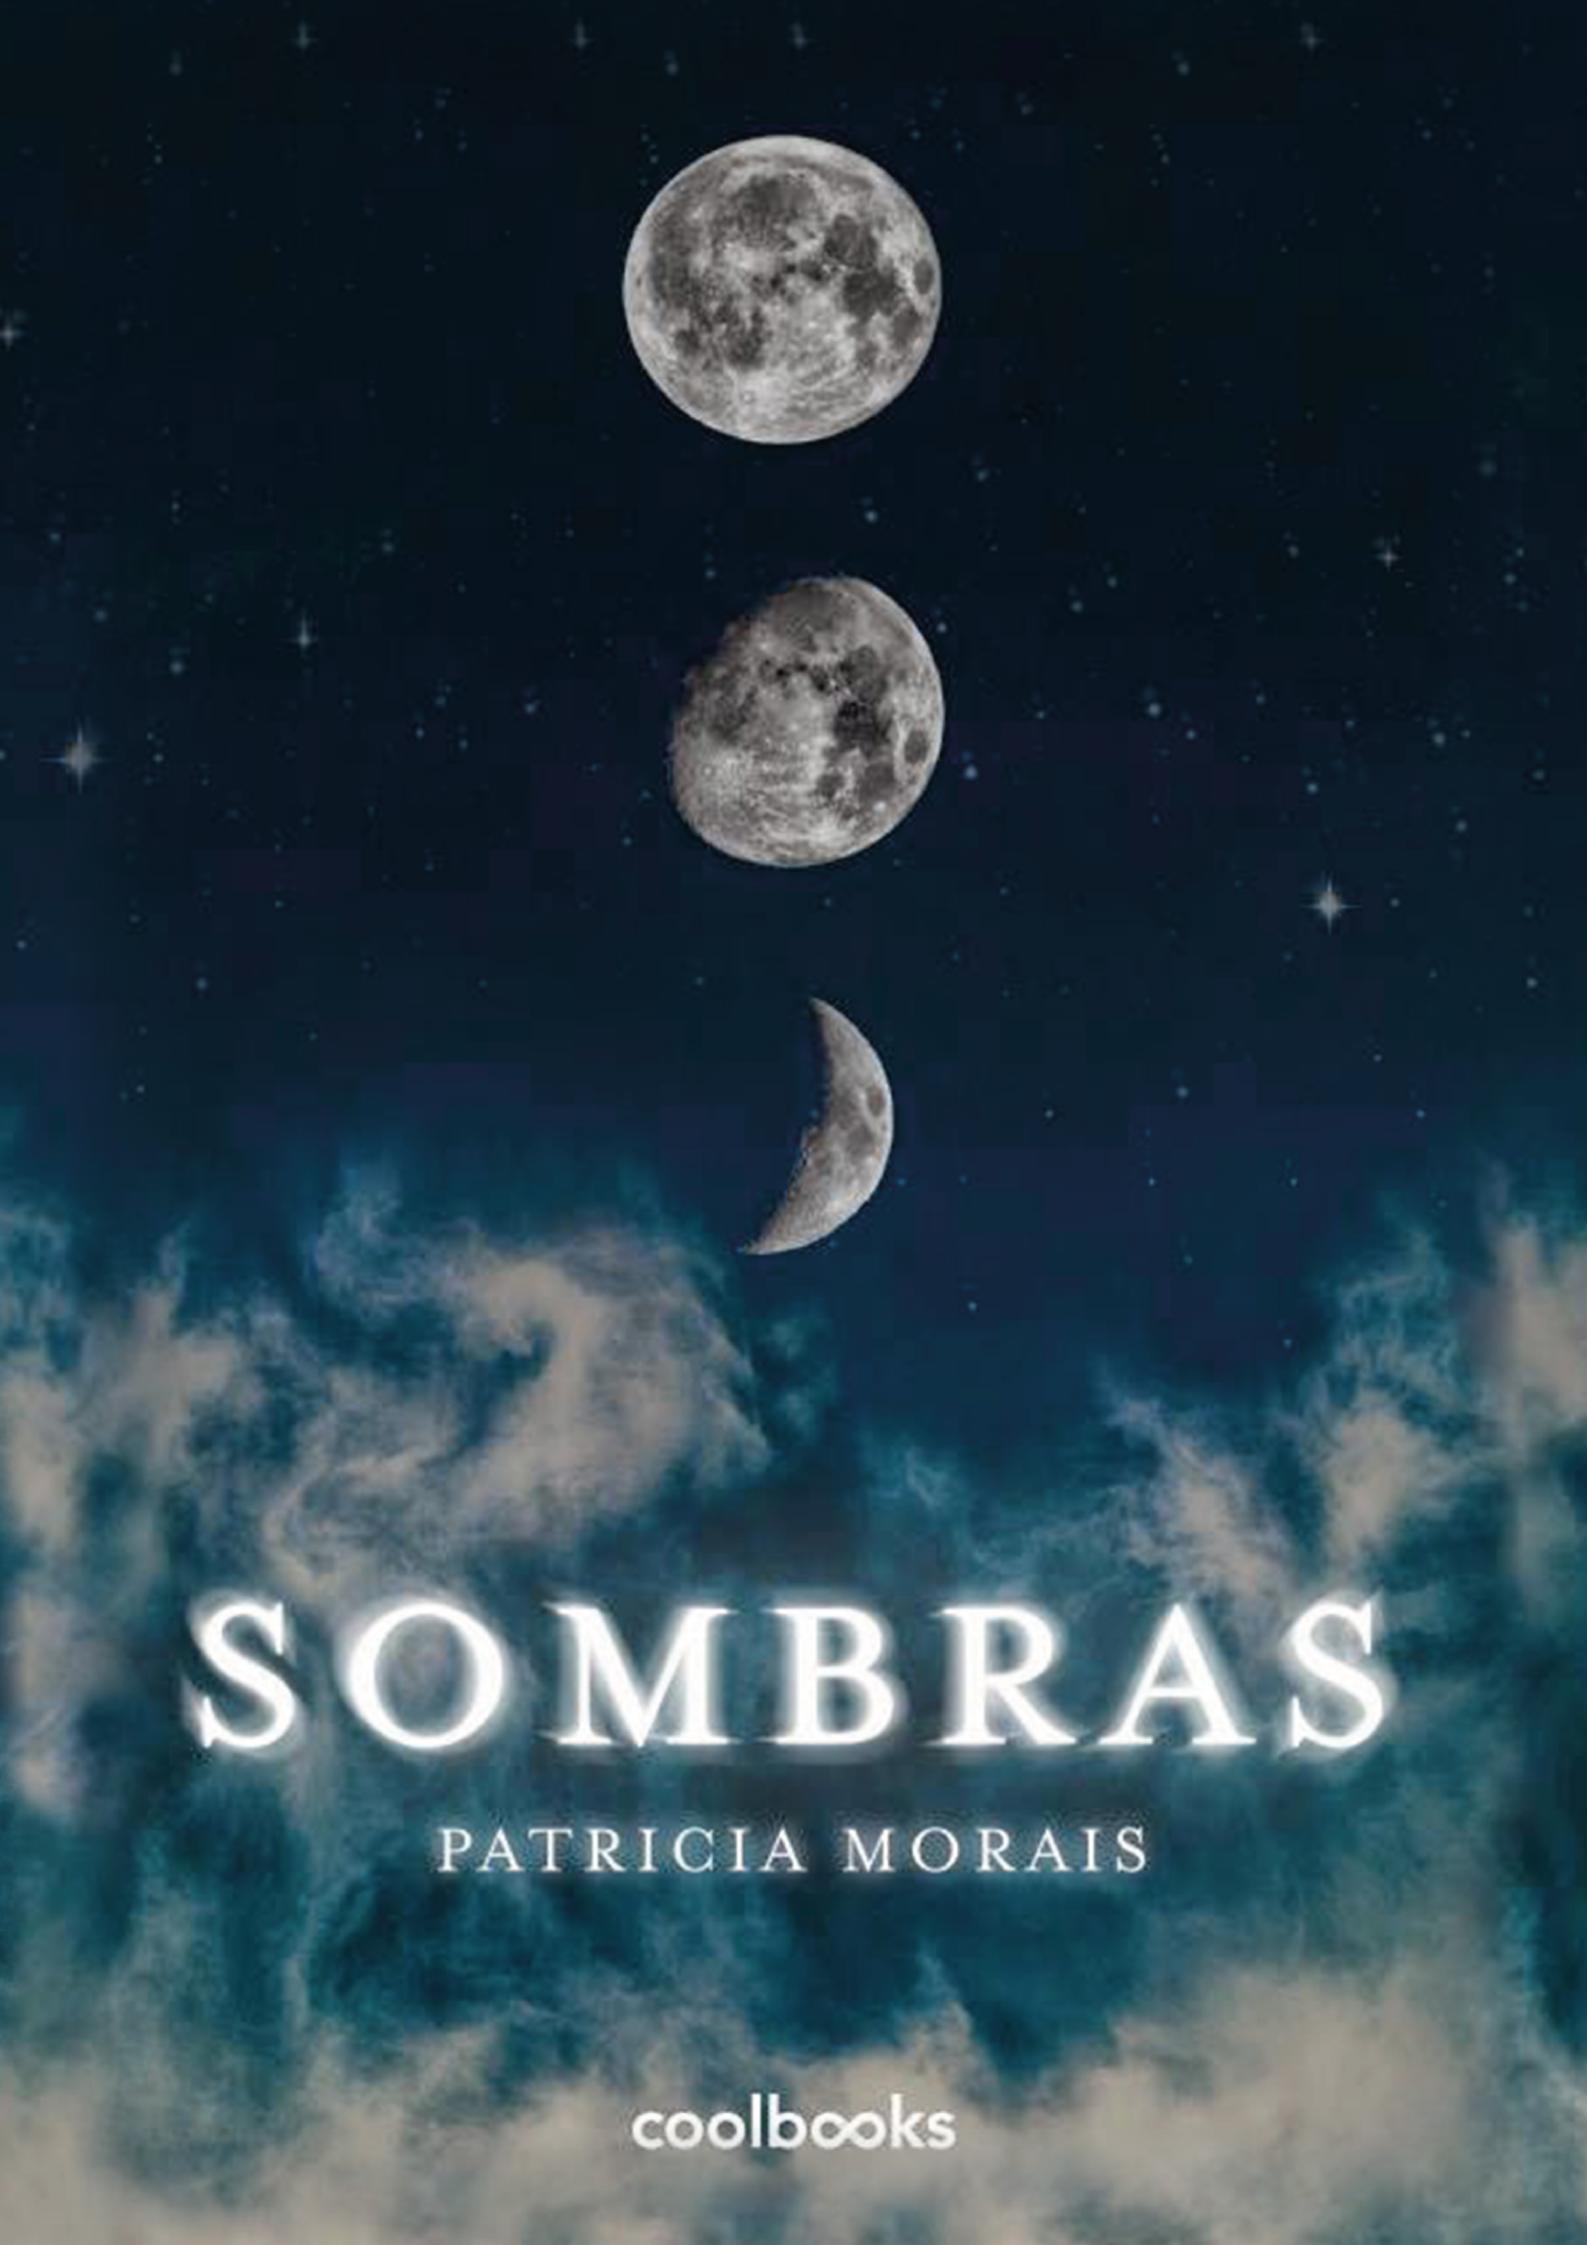 Escrever - Palavra de Autora - Patrícia Morais